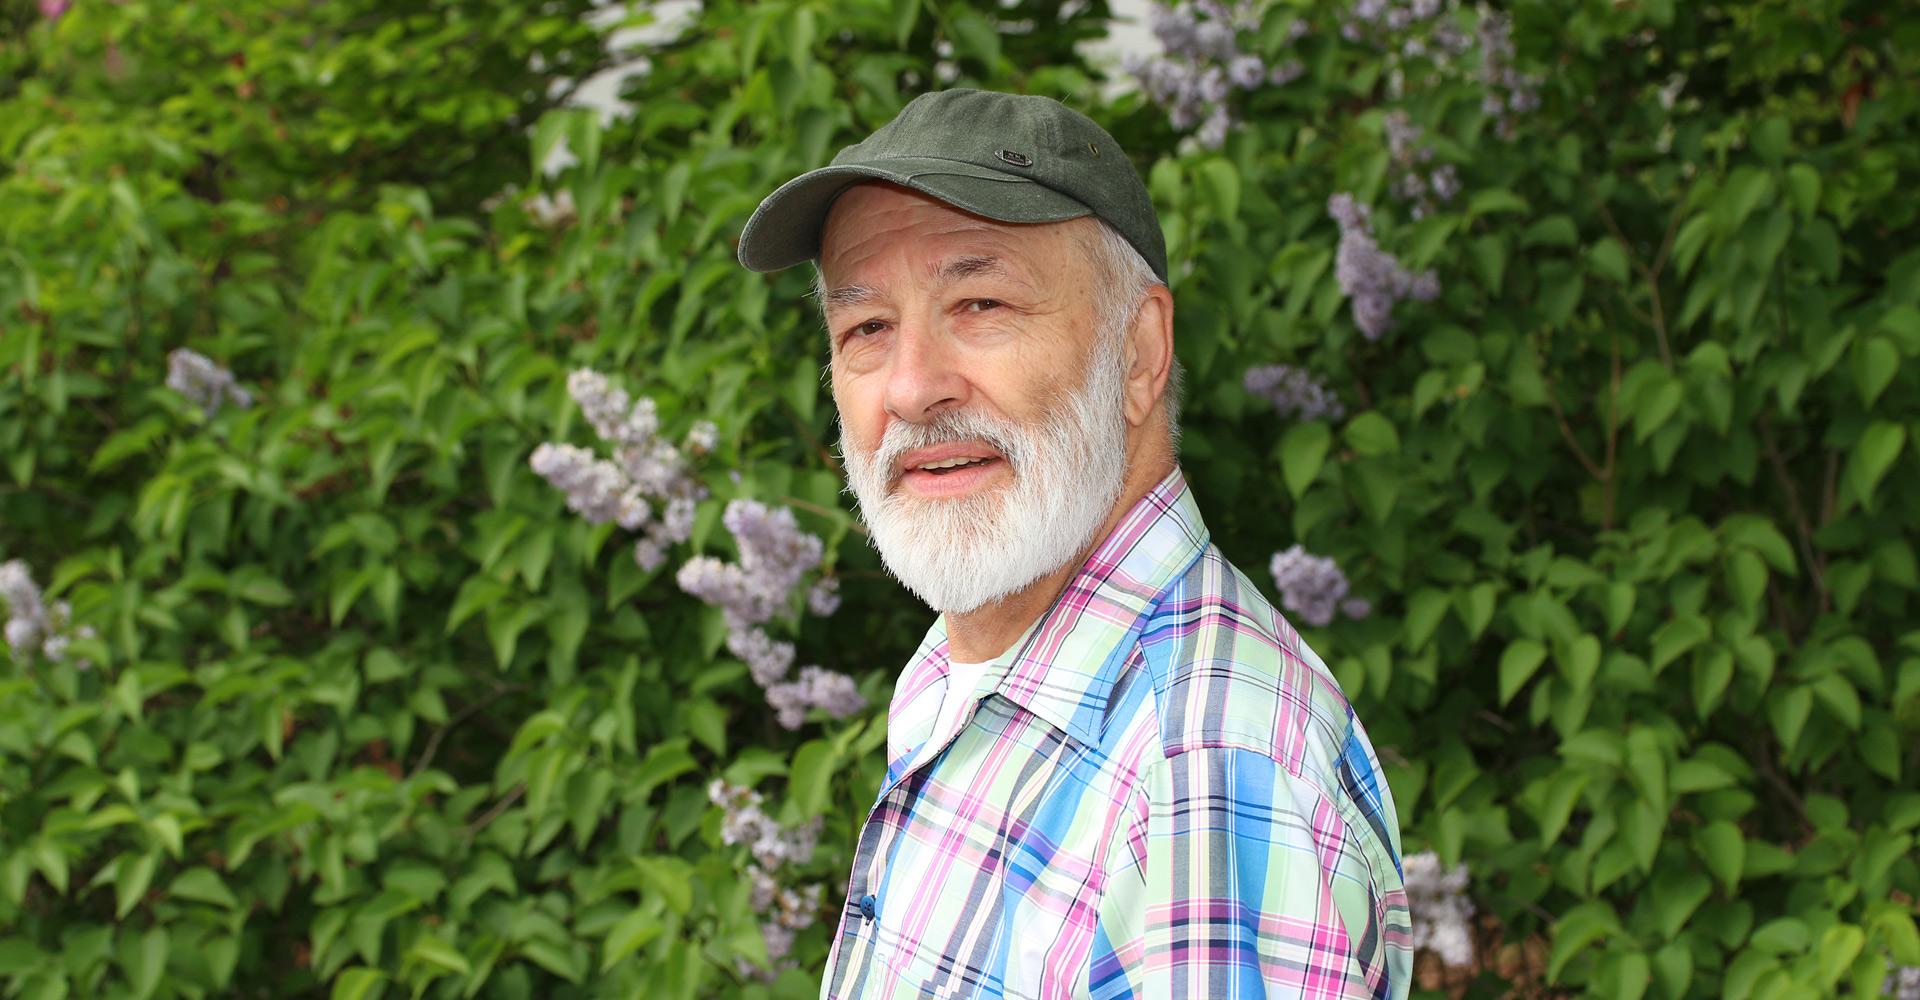 Peter Schrank, Heilpraktiker & Fastencoach